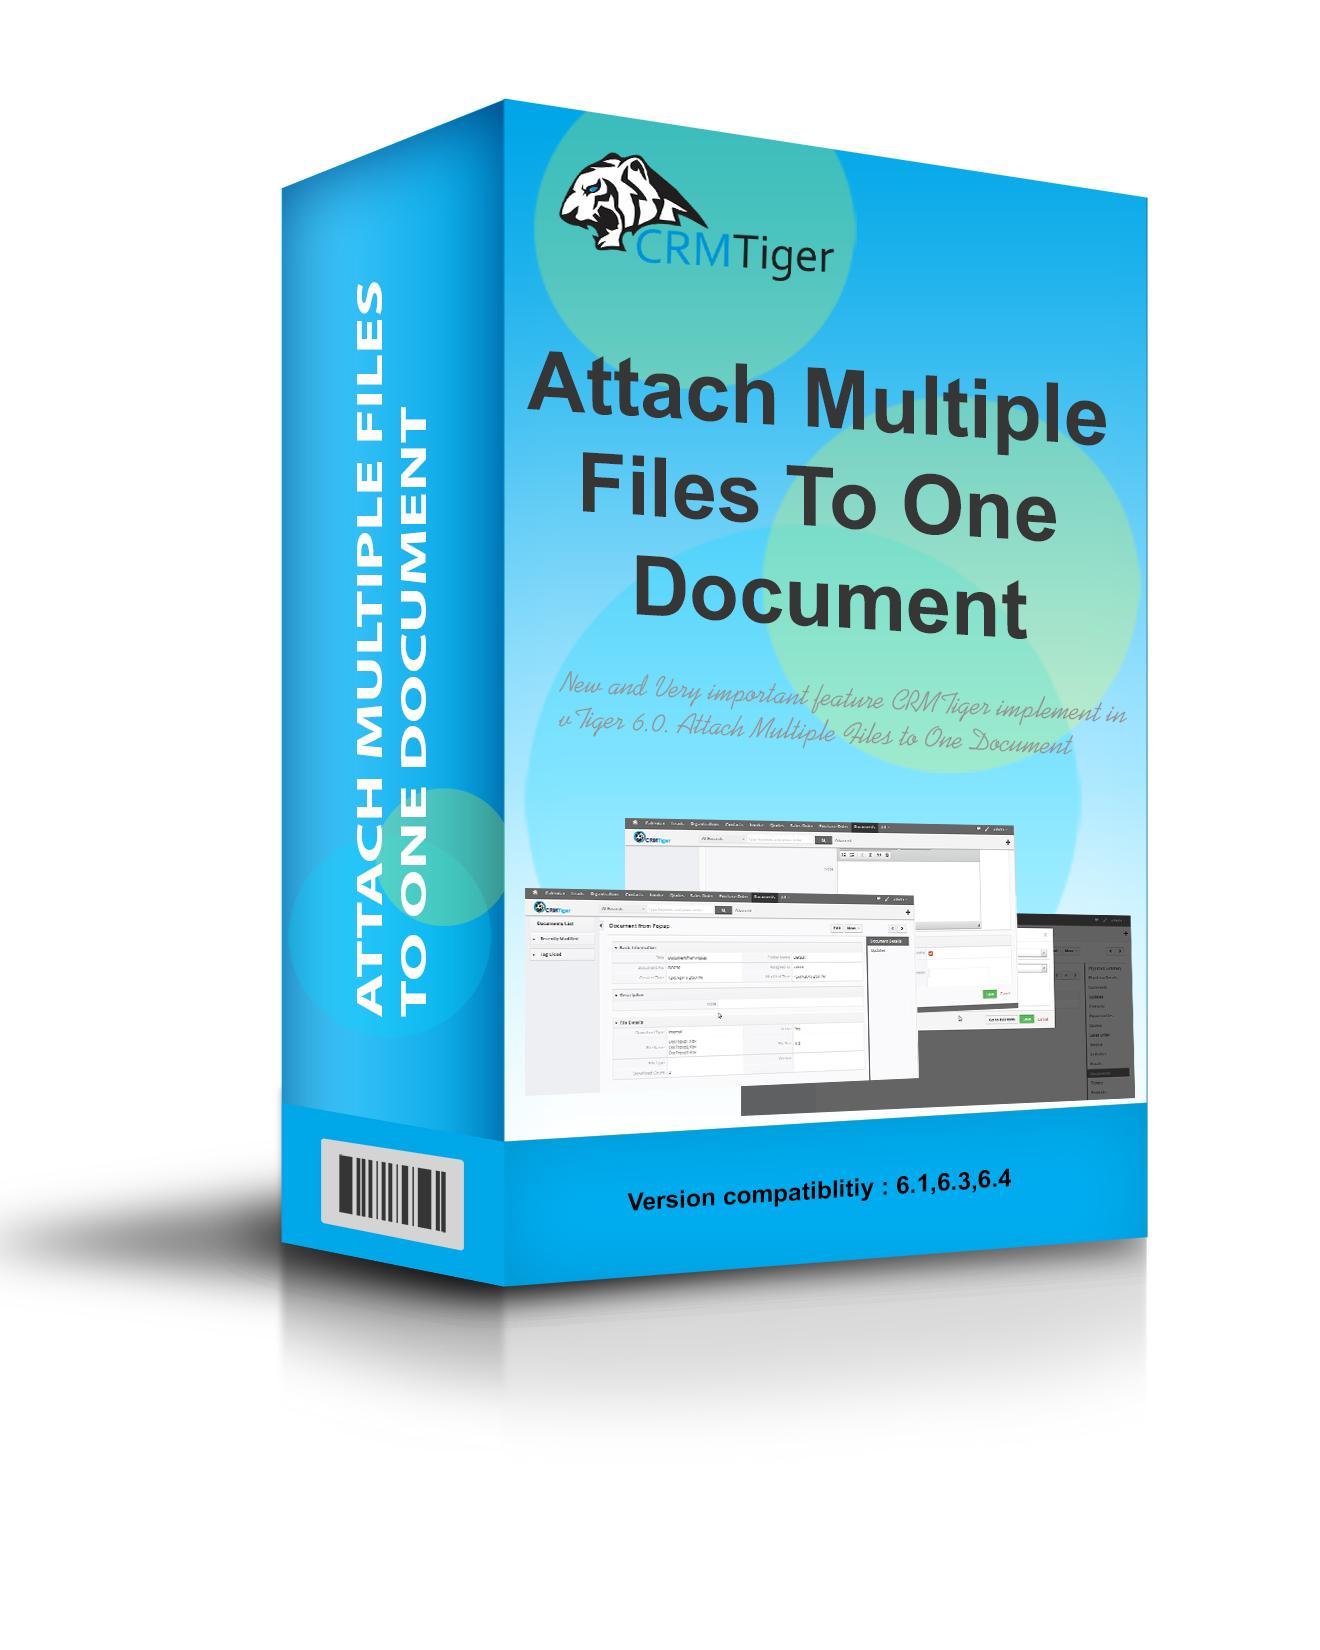 AttachMultipleFilesToOneDocument